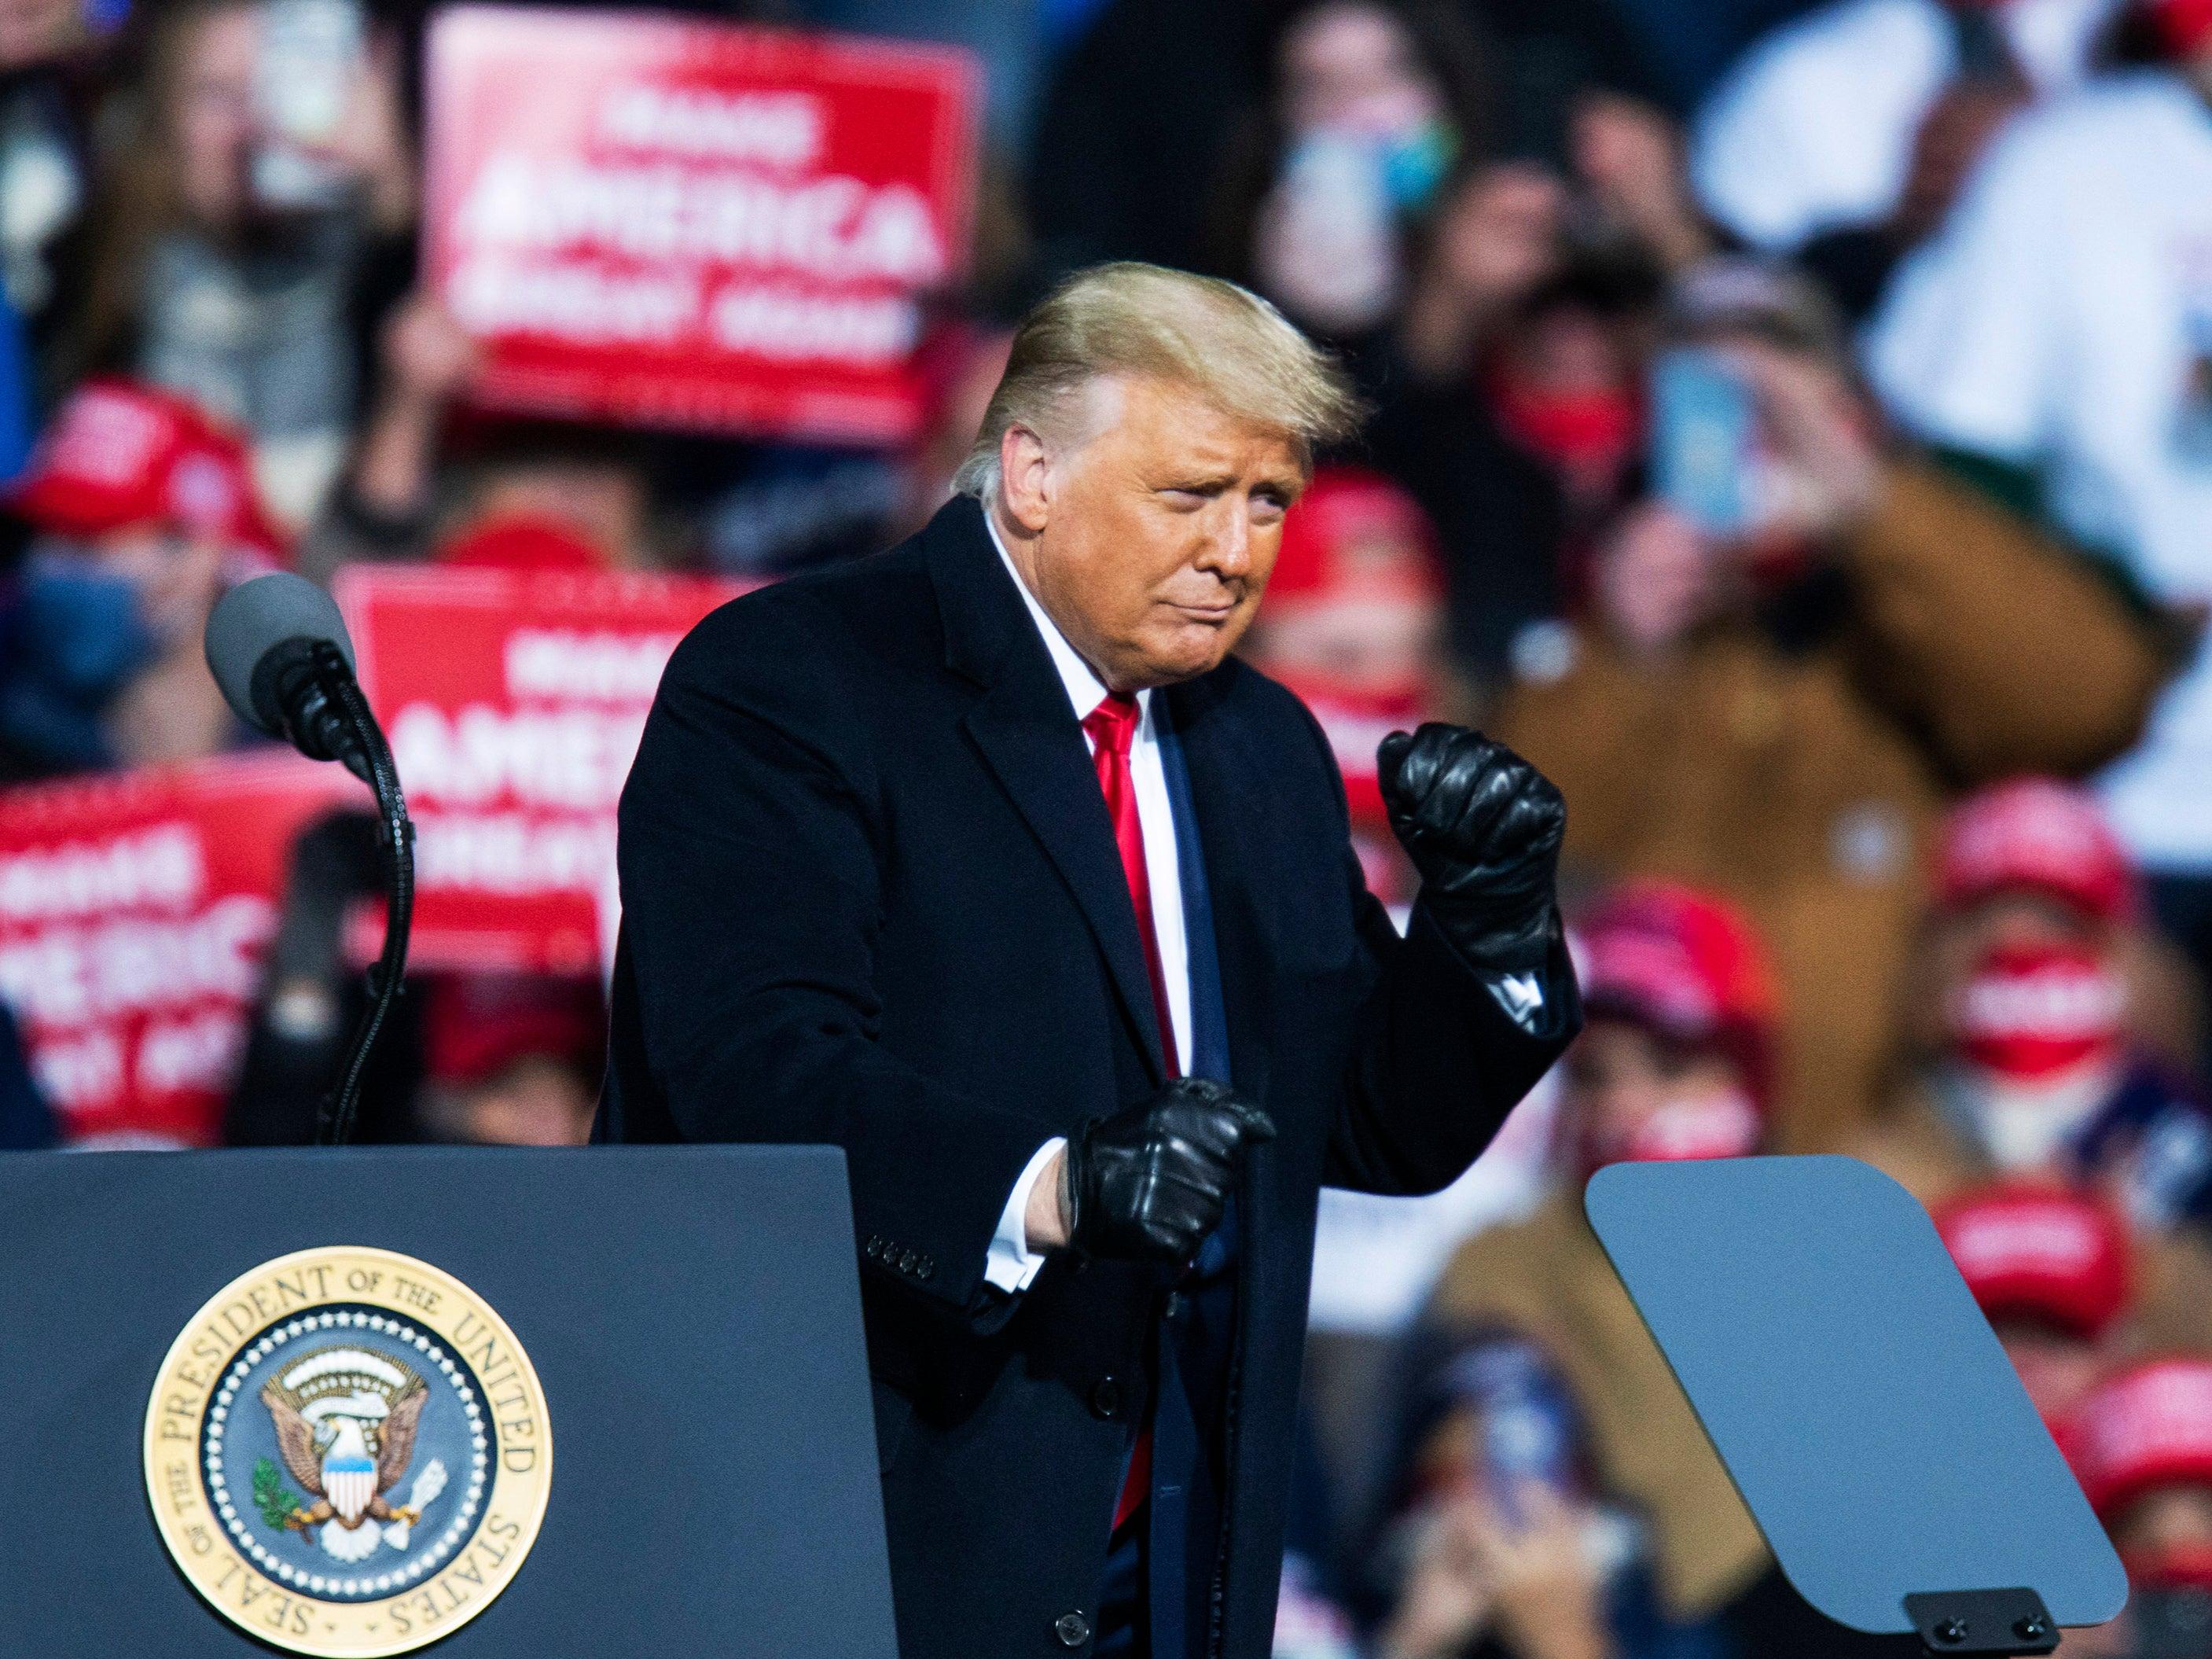 'Genius' Trump song parodying Broadway hit 'Seasons of Love' goes viral